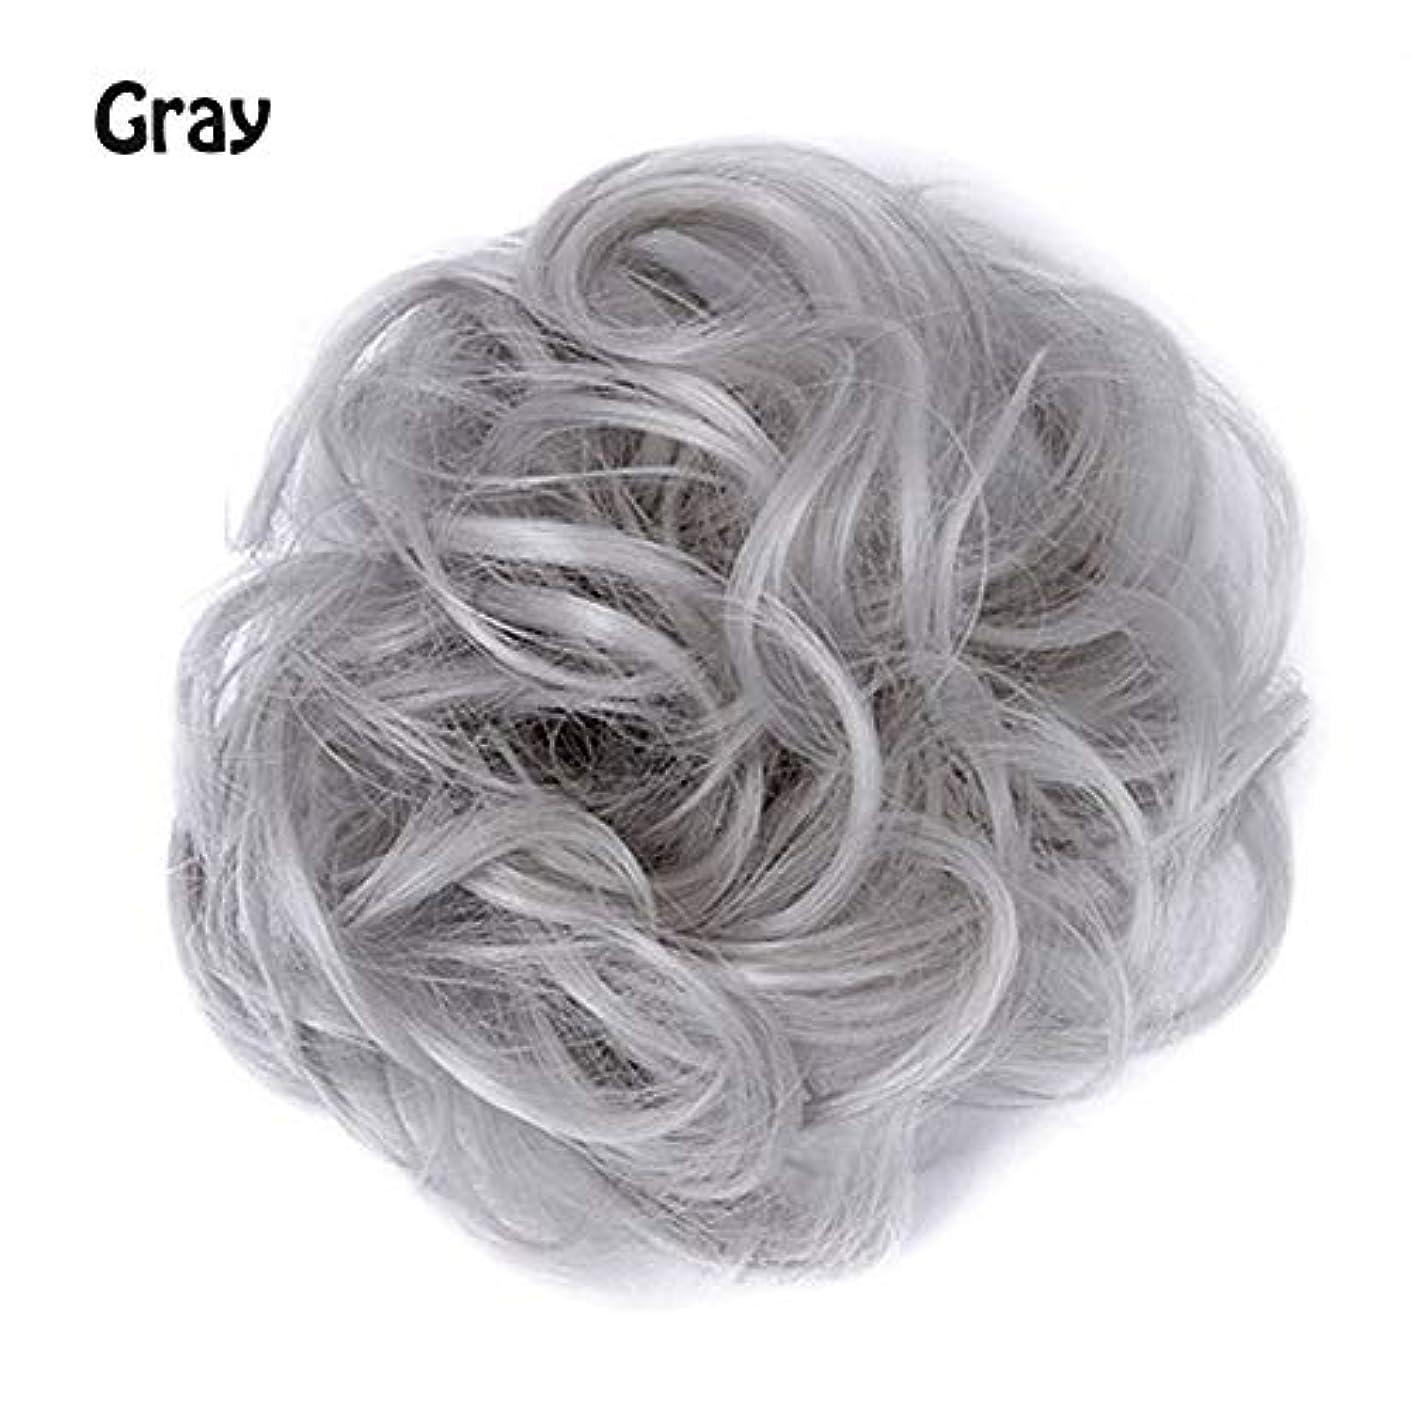 アスリート大量敬意乱雑な髪のお団子シュシュの拡張機能、ポニーテールシニョンドーナツアップ、女性用カーリー波状リボンアクセサリー